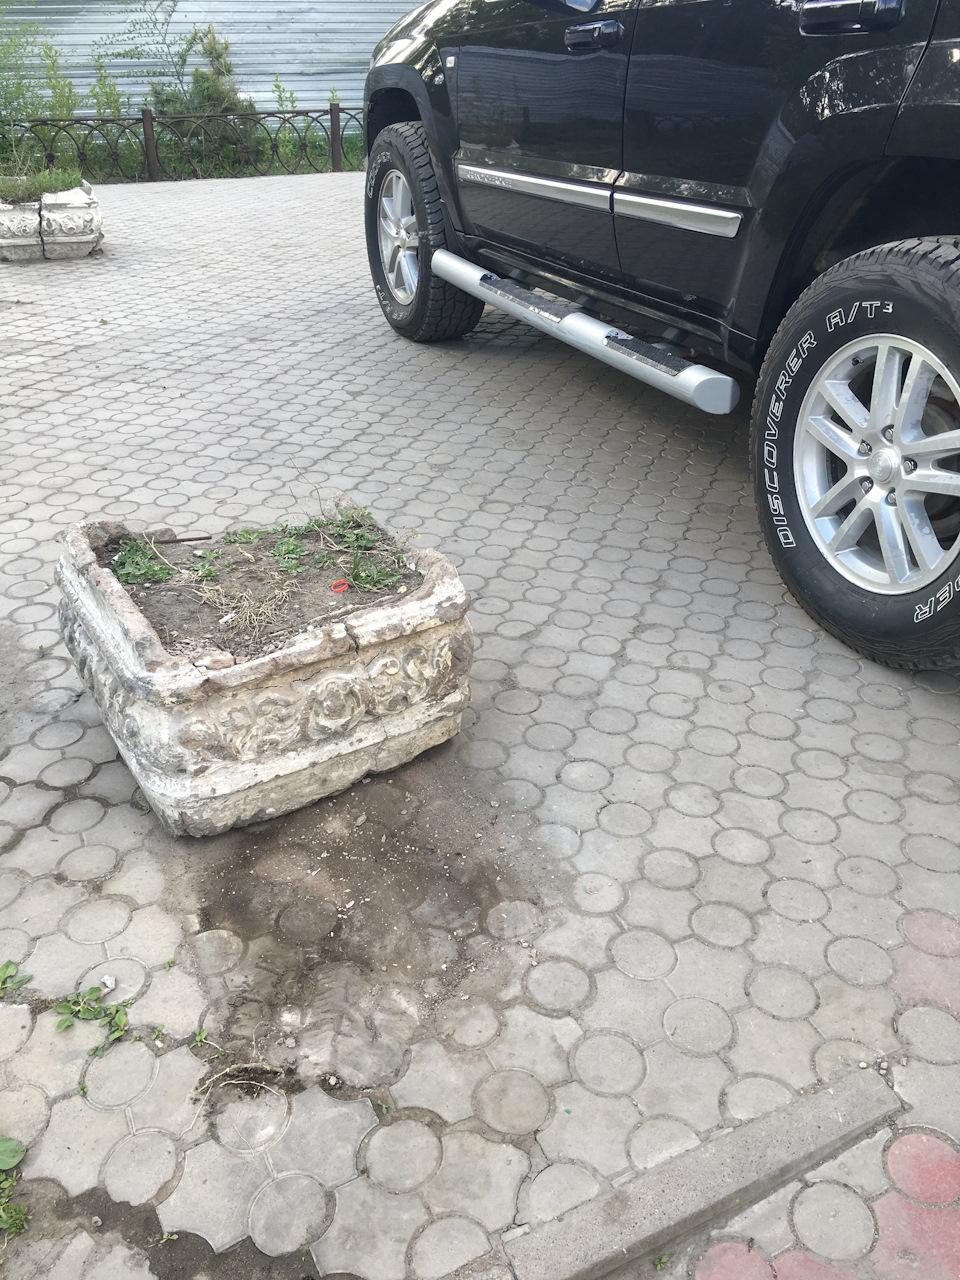 Джип бетон купить заменитель бетона hilst в нижнем новгороде купить